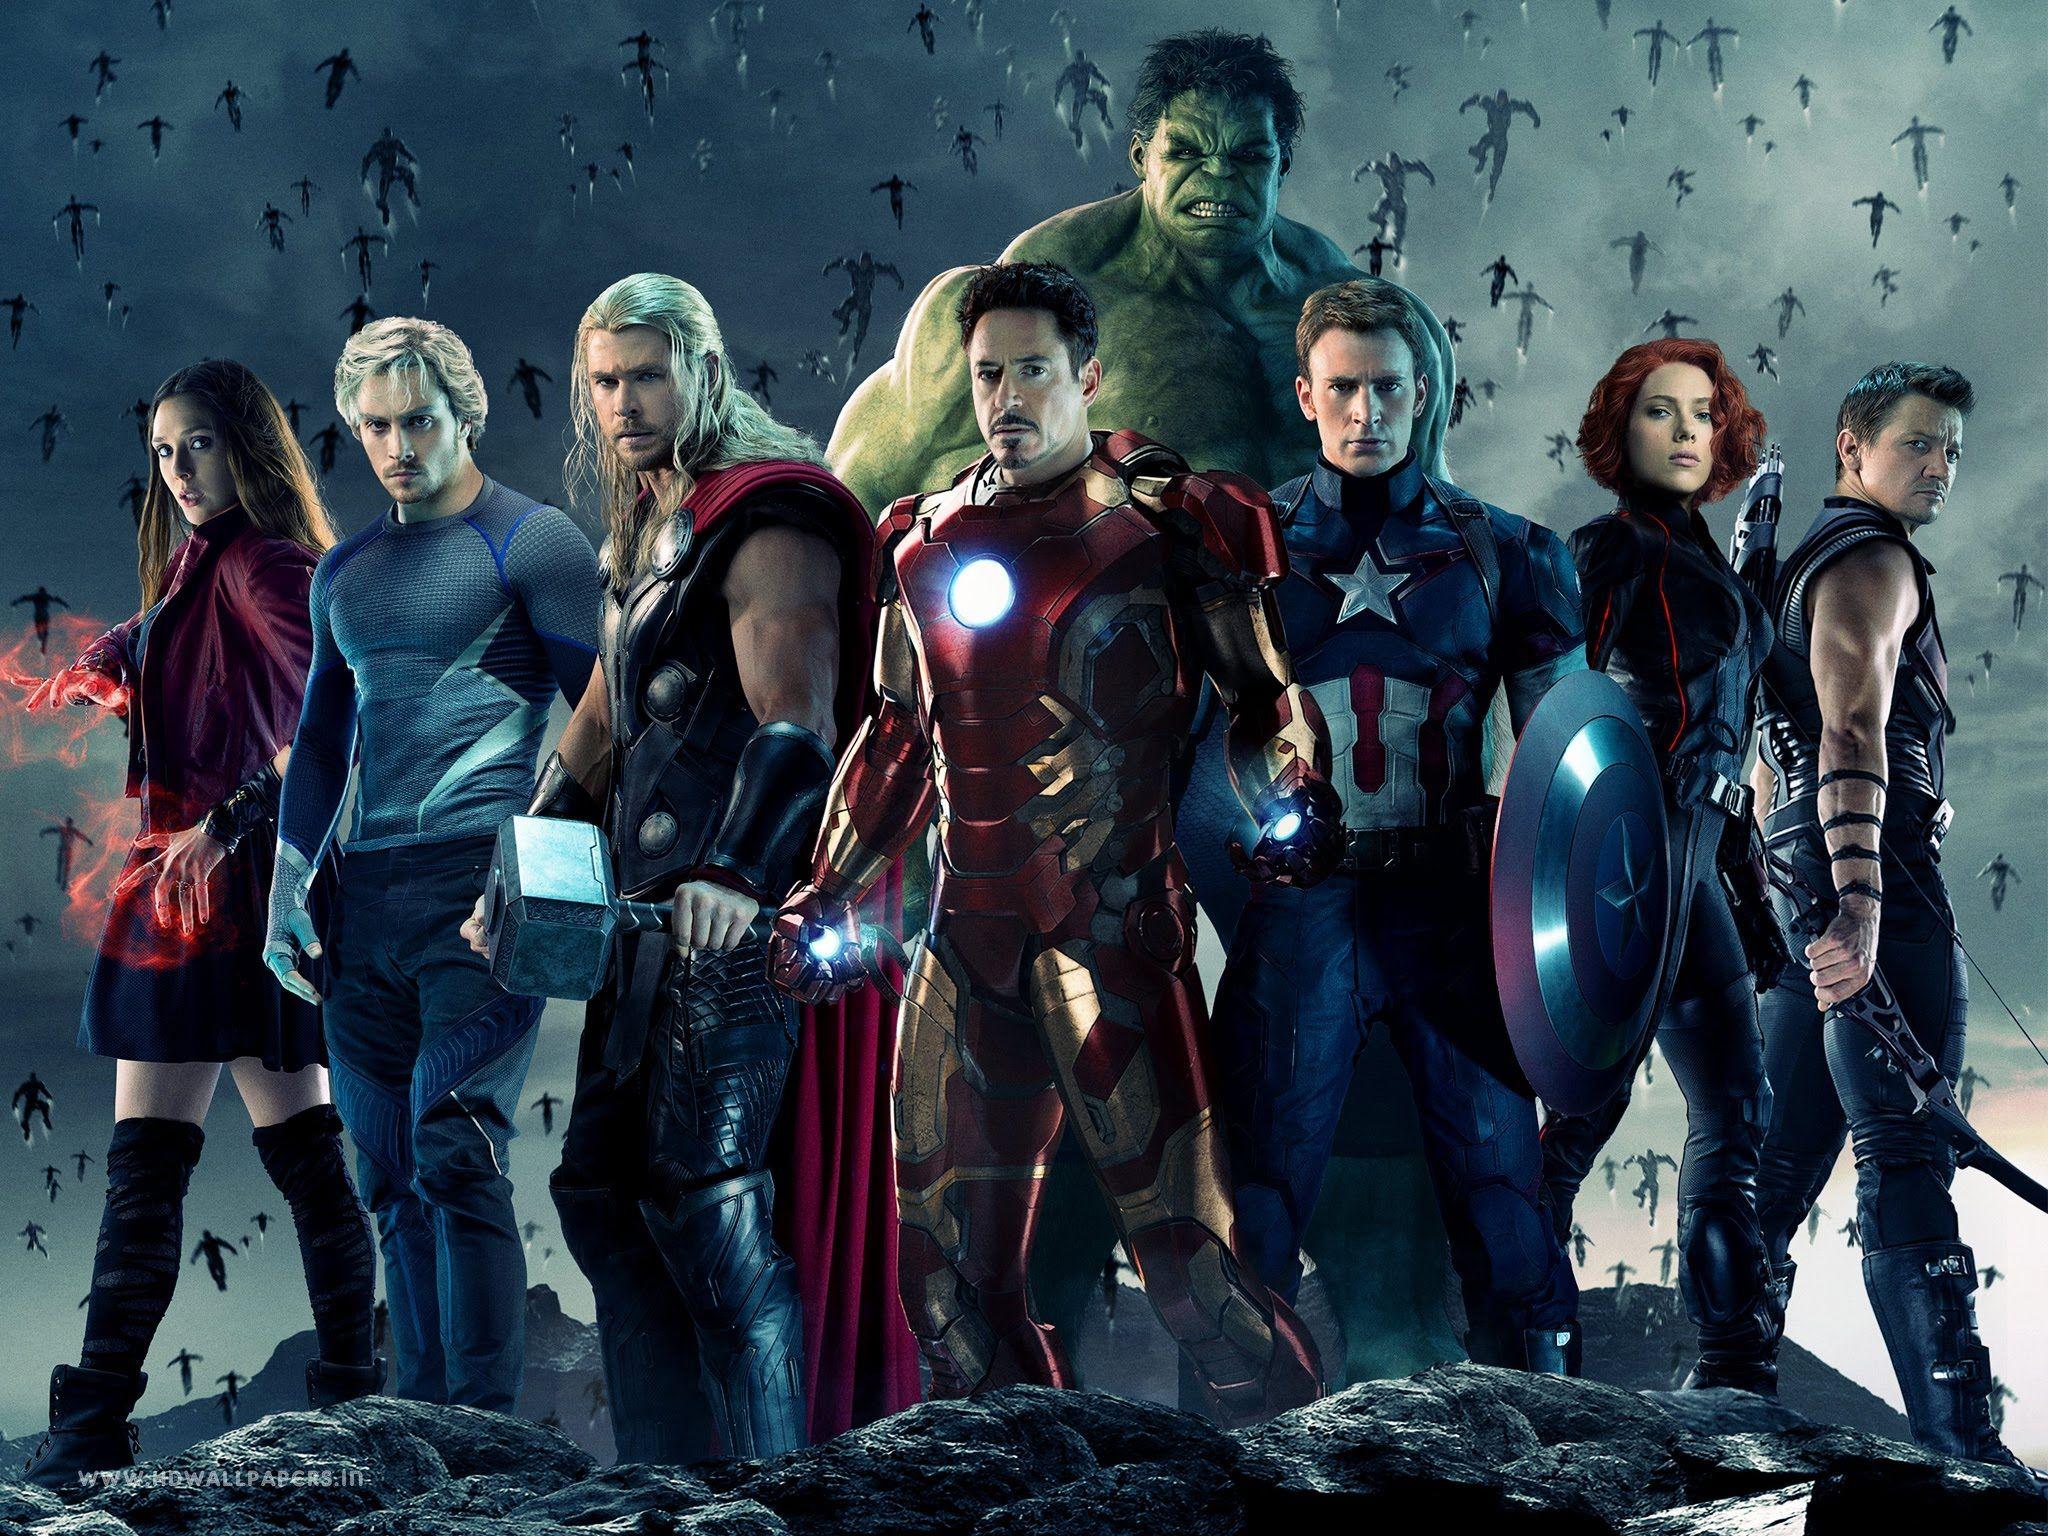 Vingadores Era De Ultron Filme De Acao Aventura Completo Dublado 2015 Lancamentos Hd 720p Avengers Age Ultron Movie Avengers Movies